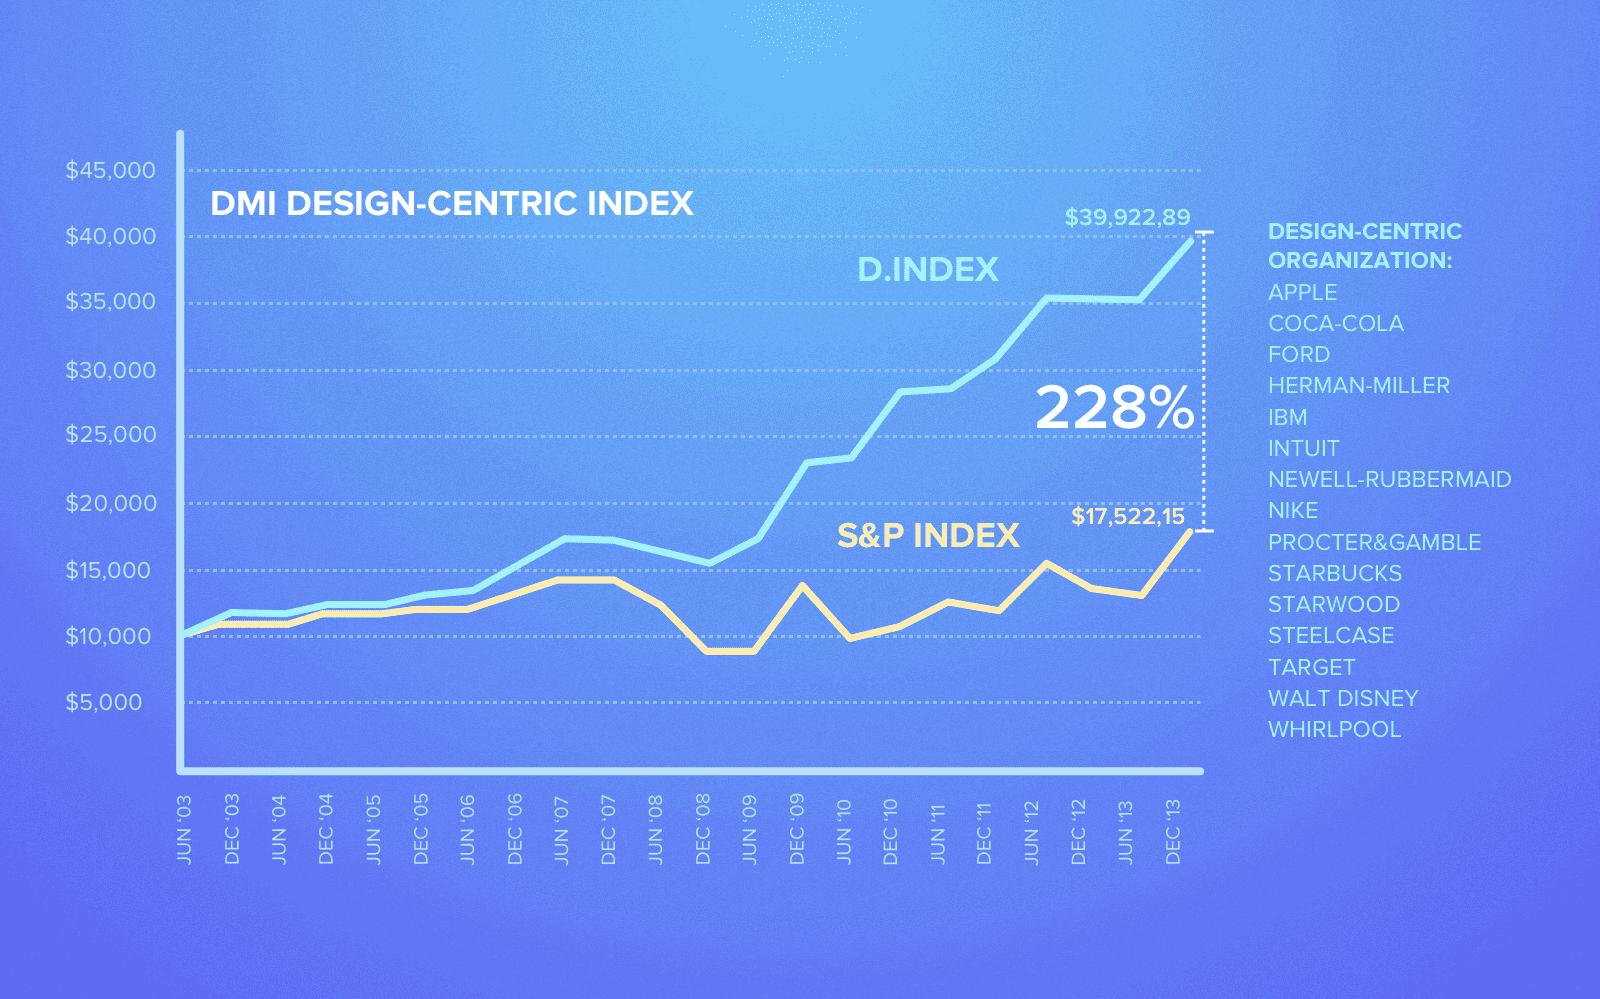 Success of design-centric companies: Index